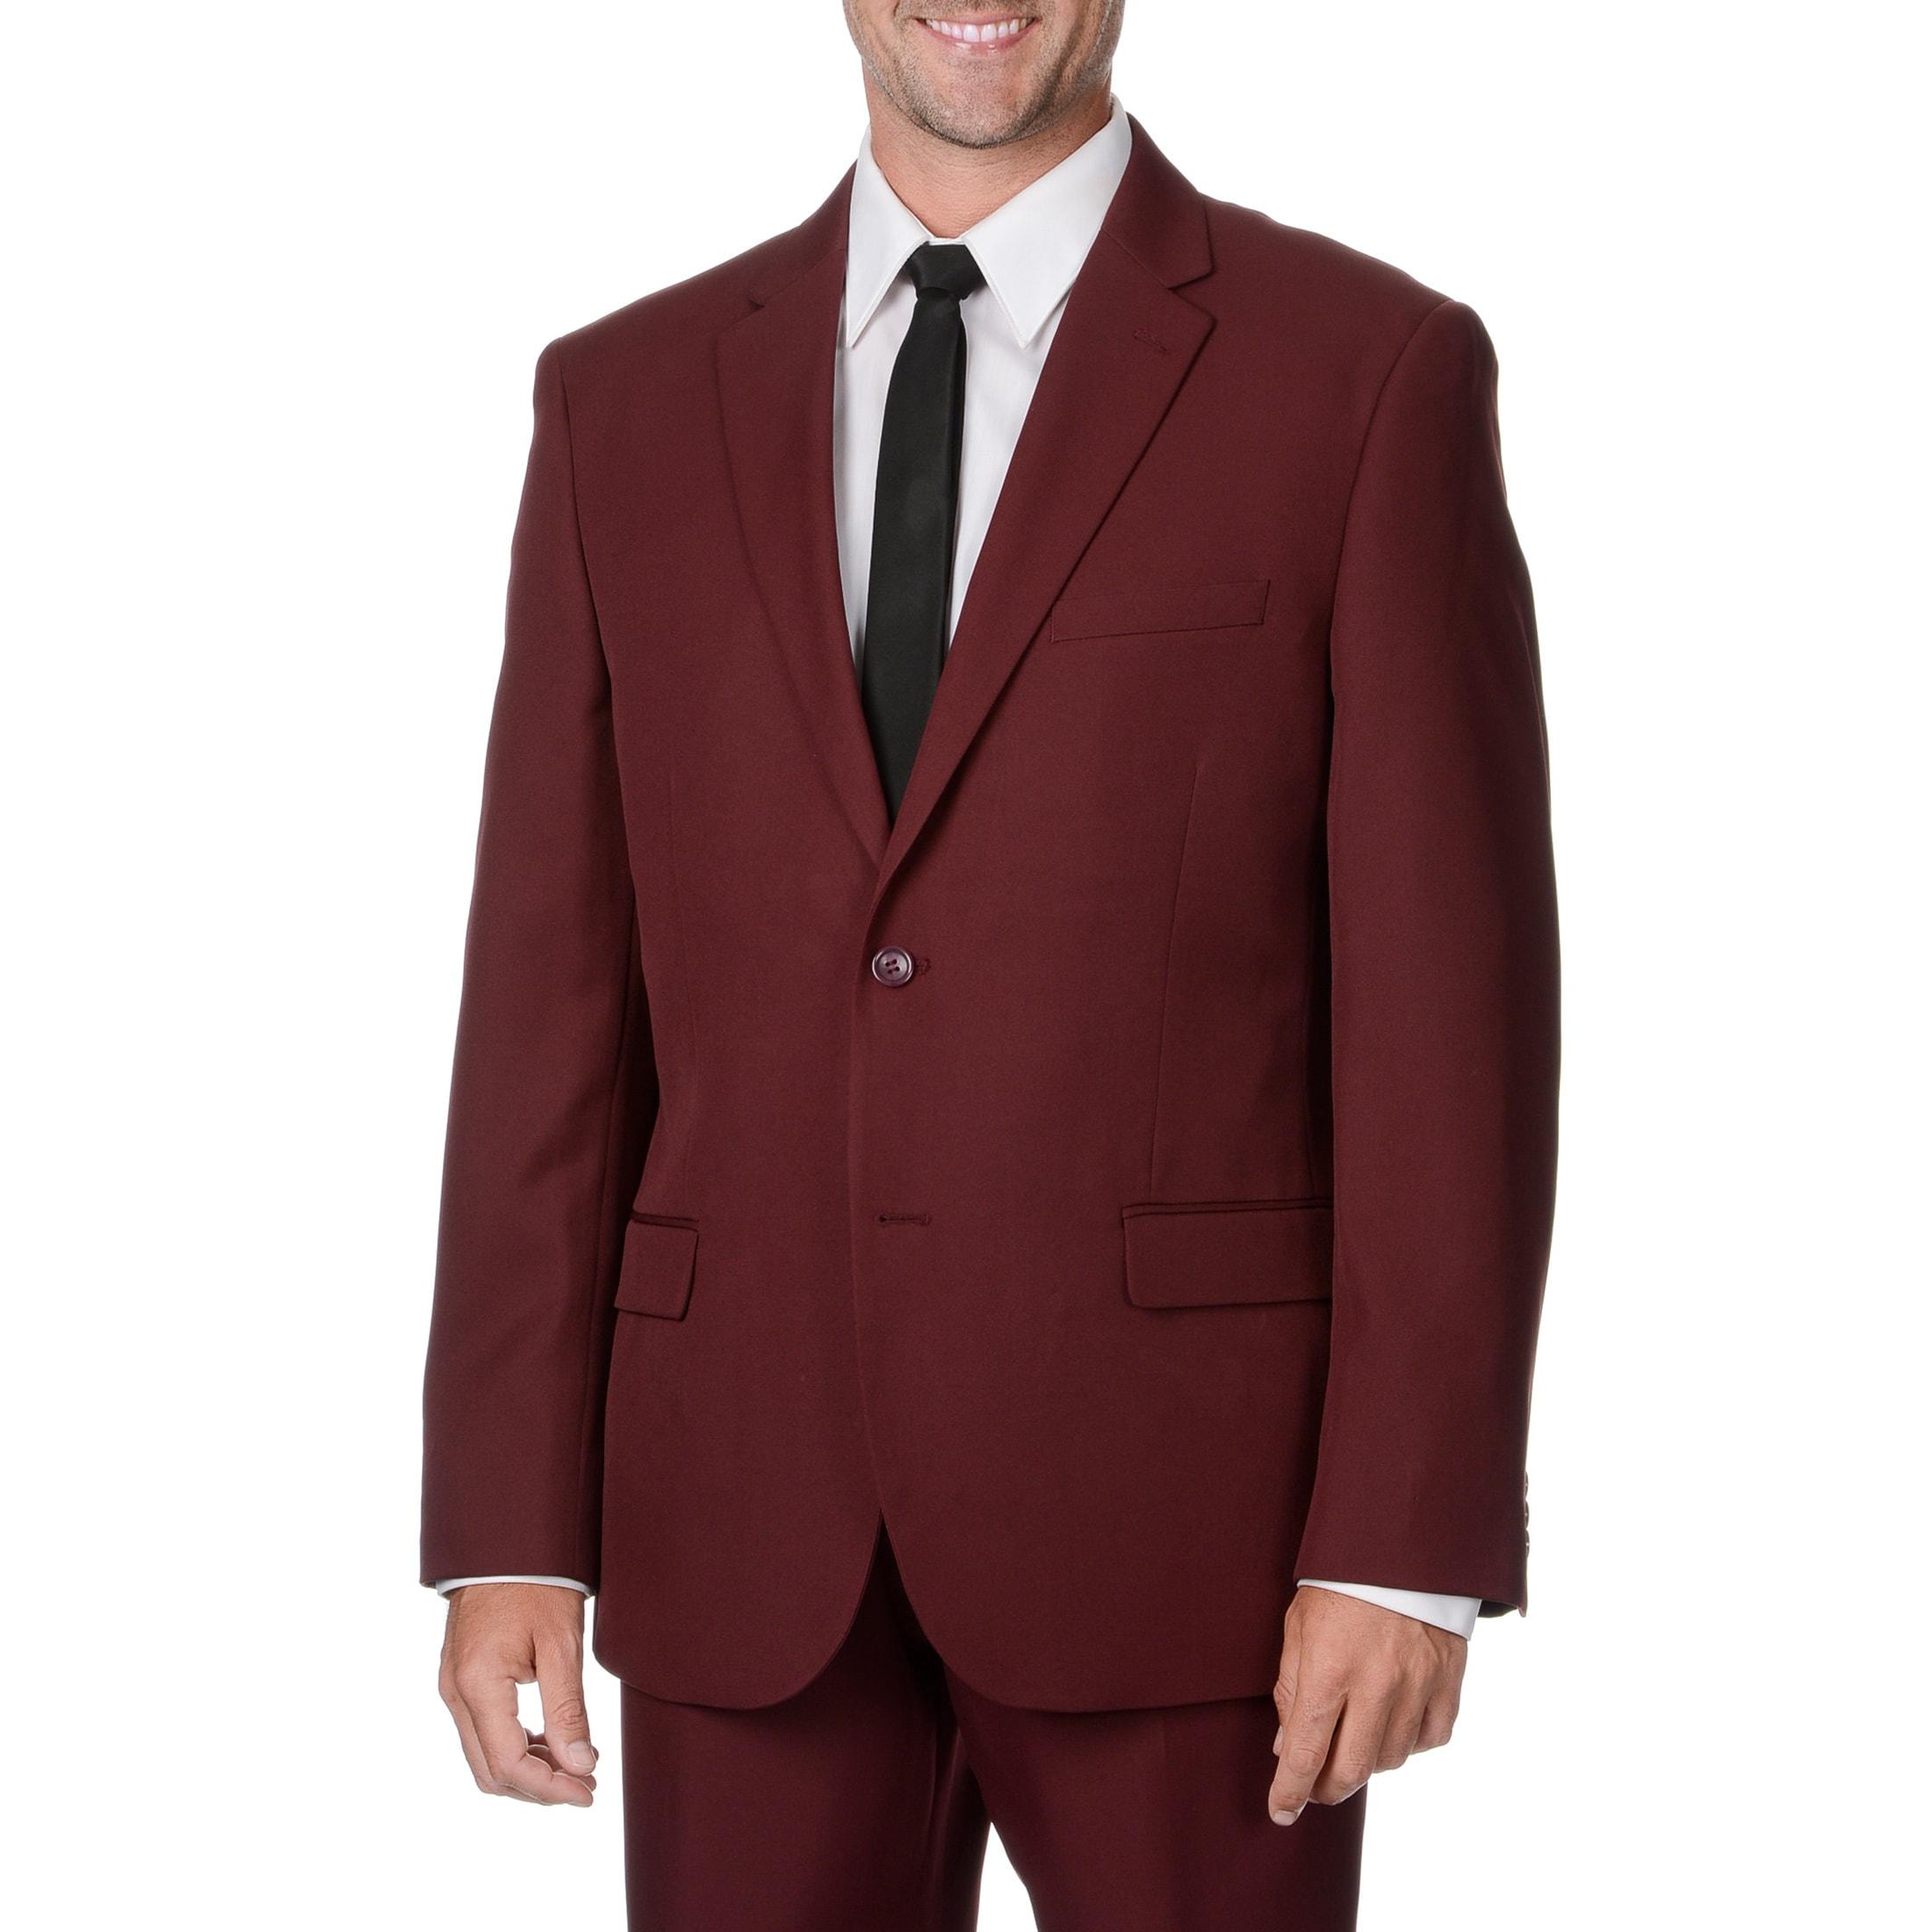 Bolzano Uomo Collezione Men's Burgundy 2-button Suit at Sears.com